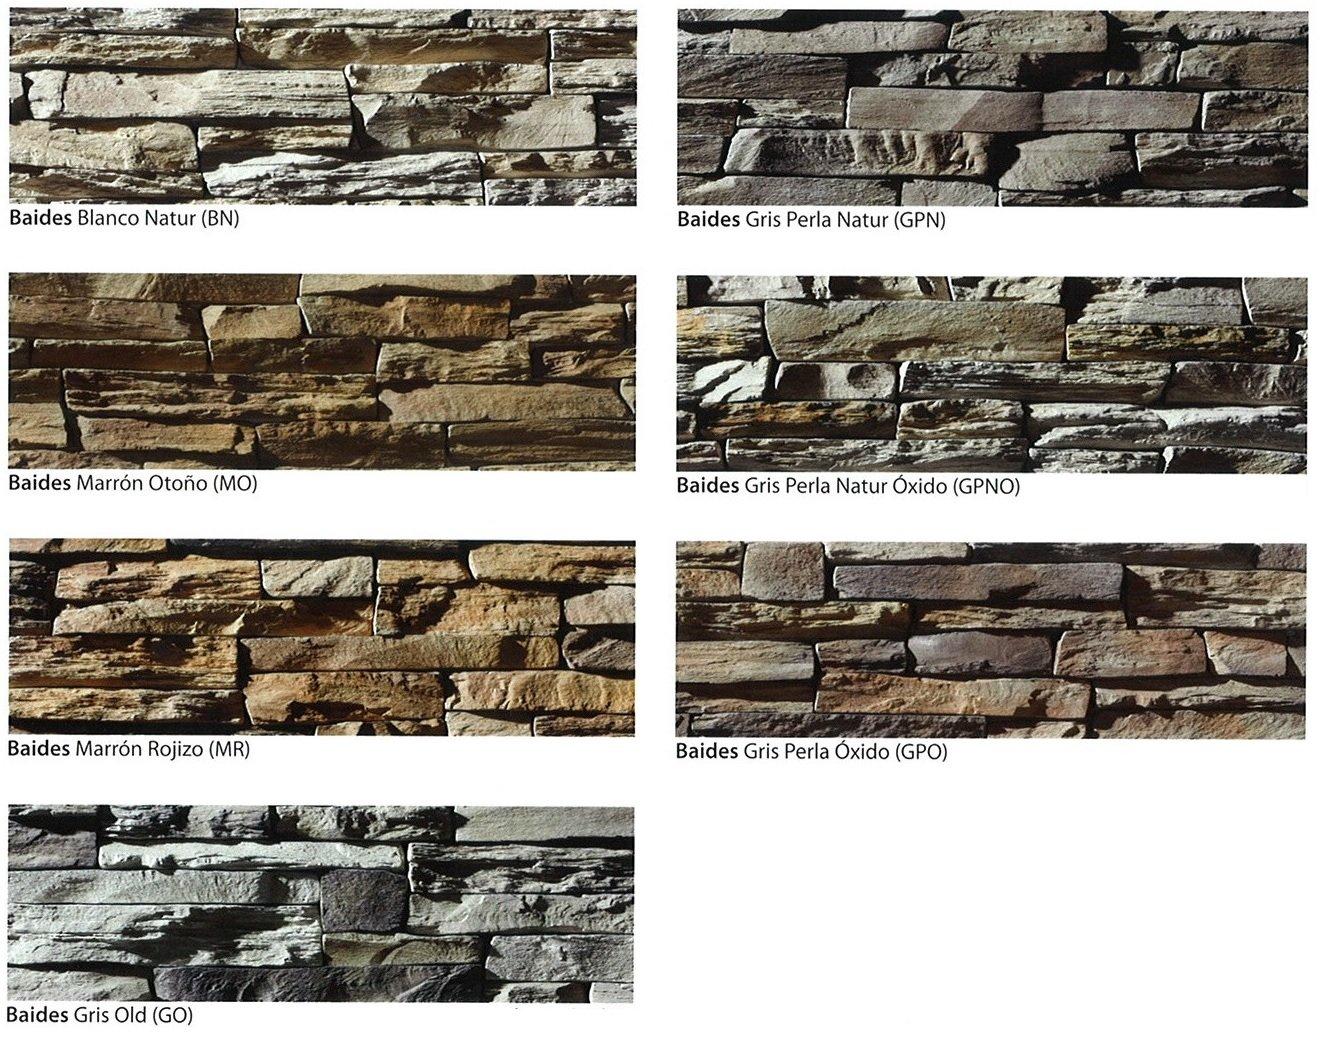 modelos piedra cultivada baide